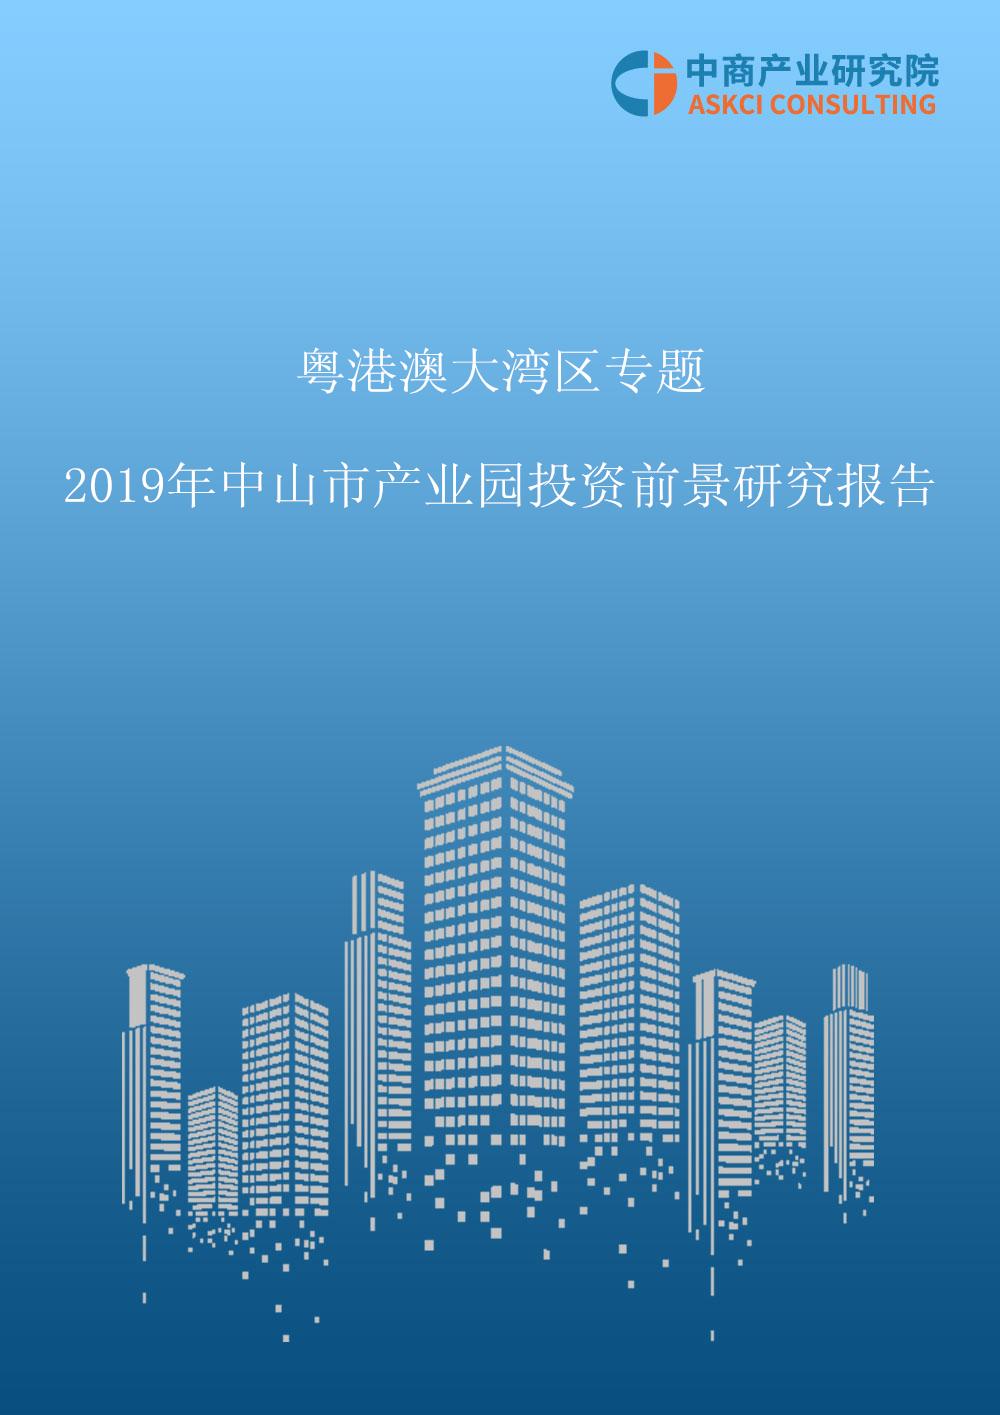 粤港澳大湾区专题—2019年中山市产业园投资前景研究报告